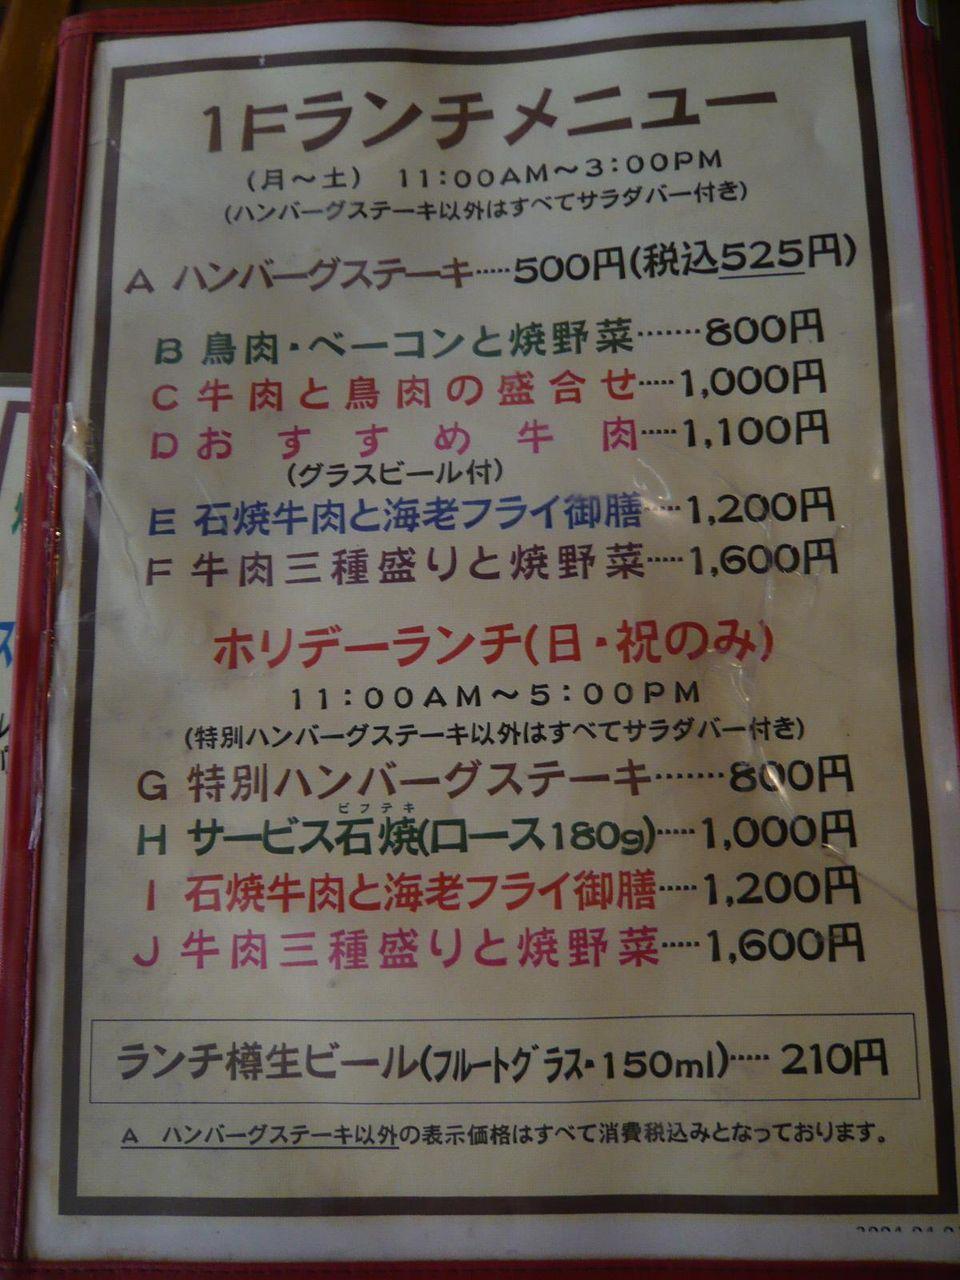 銀座スエヒロ寿店の1Fランチメニュー